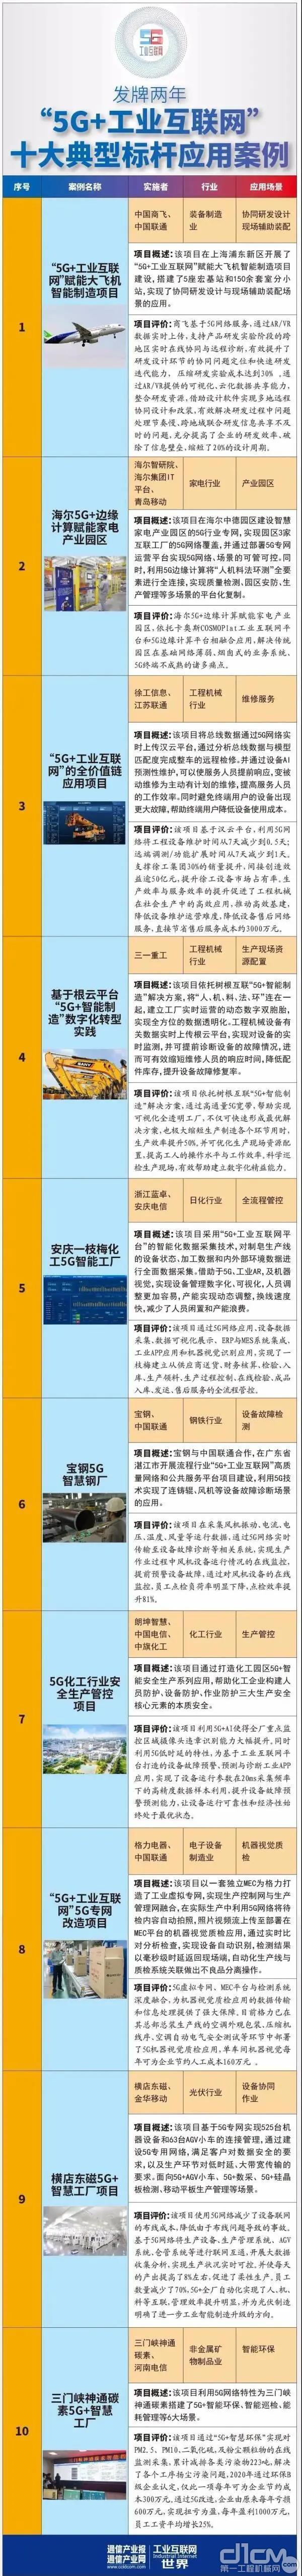 """""""5G+工业互联网""""十大典型标杆应用案例"""